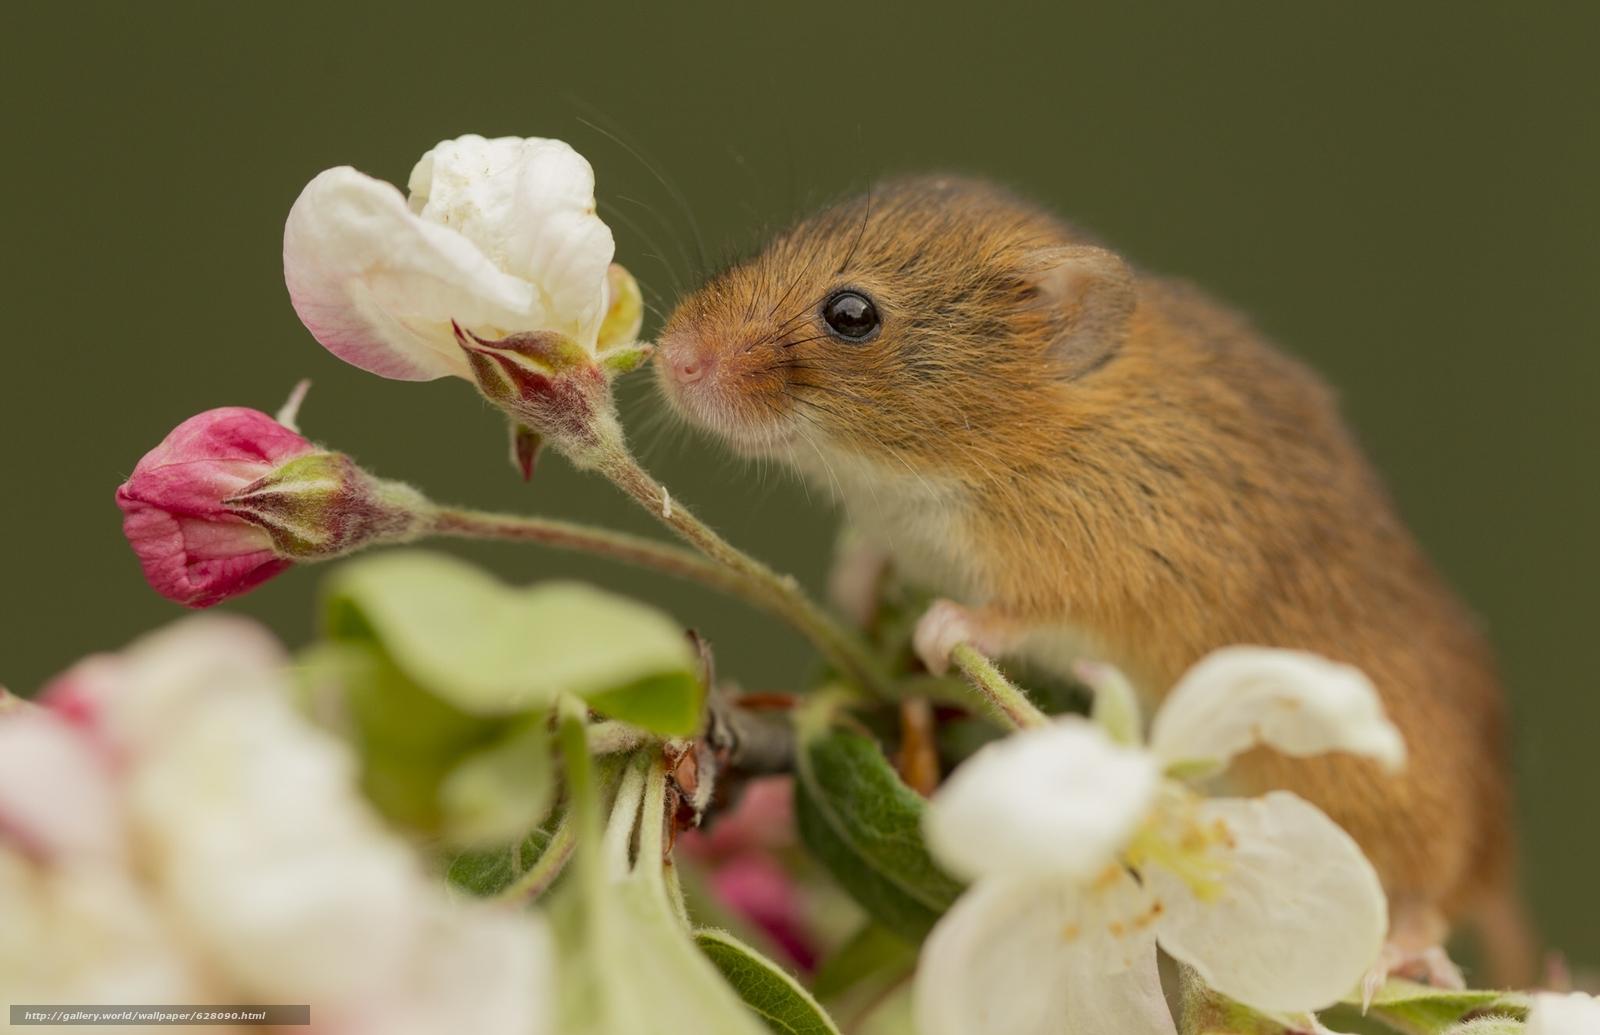 scaricare gli sfondi Harvest mouse,  Micromys Minutus,  topo,  fiore Sfondi gratis per la risoluzione del desktop 2048x1325 — immagine №628090